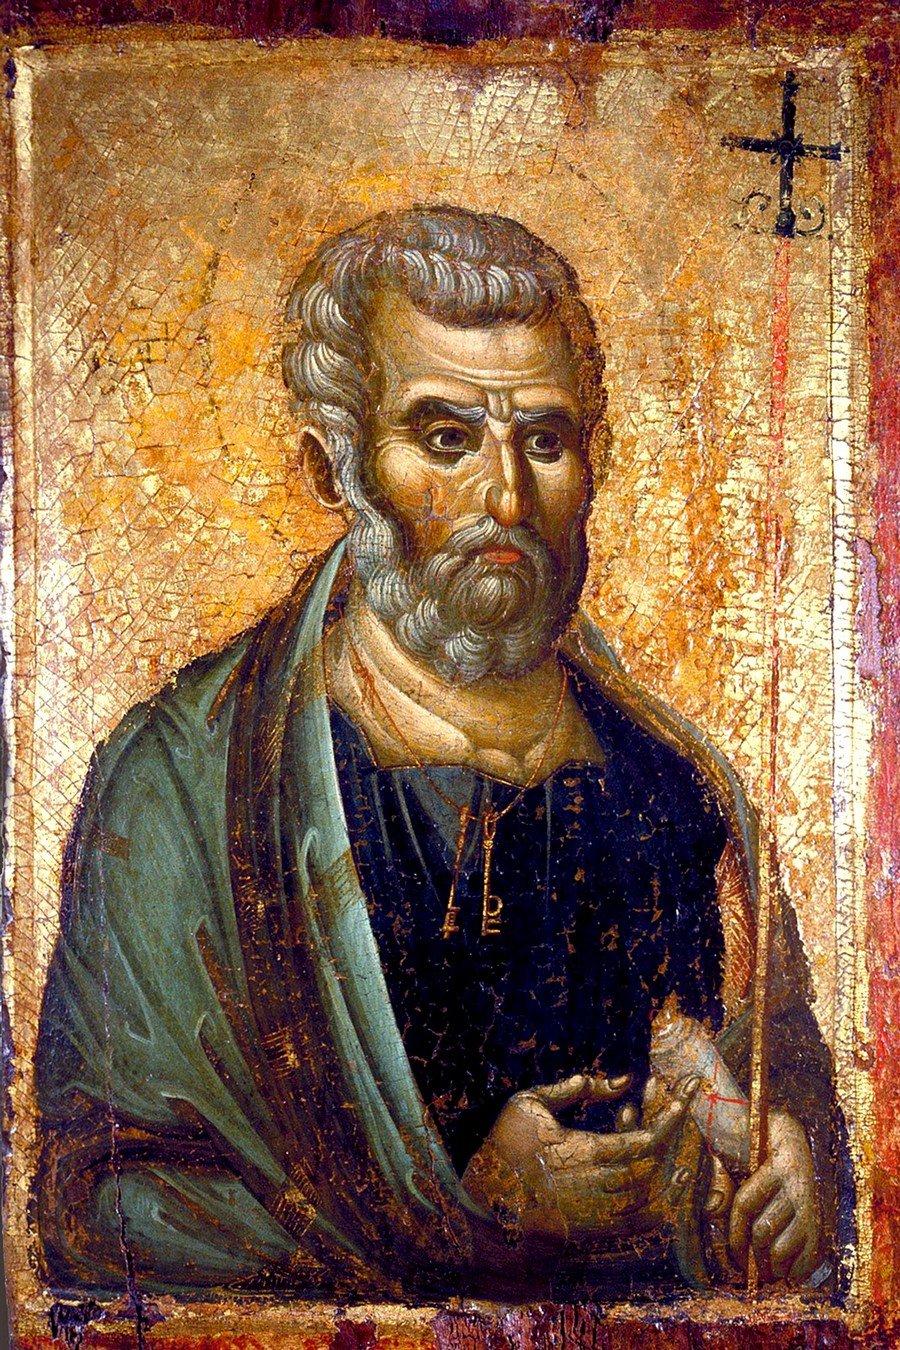 Святой Апостол Пётр. Византийская икона конца XIII века.